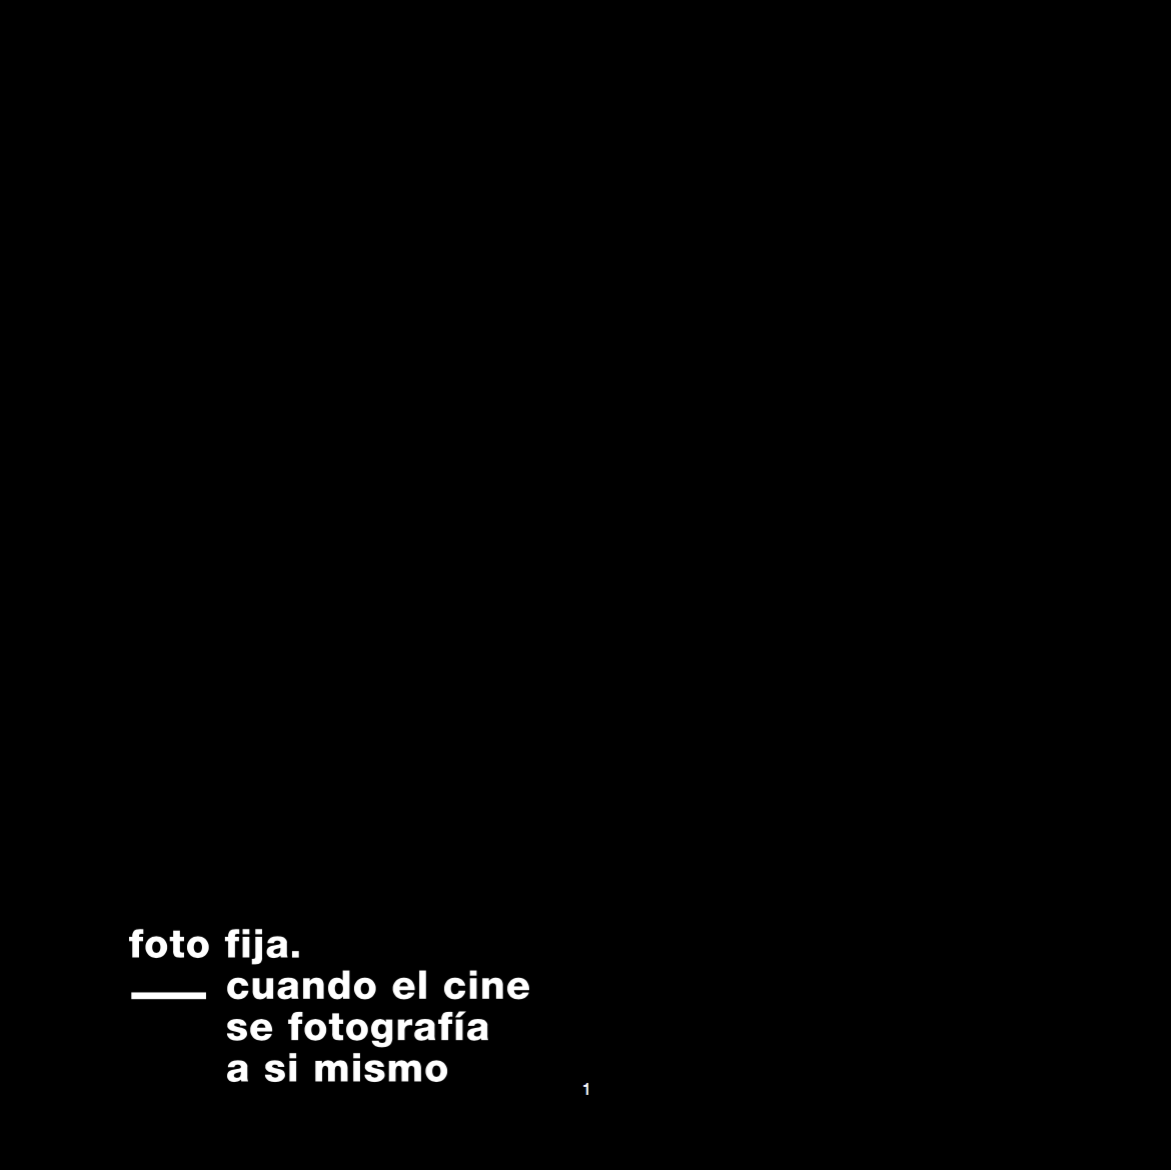 Captura de pantalla 2018-01-28 a las 16.40.43